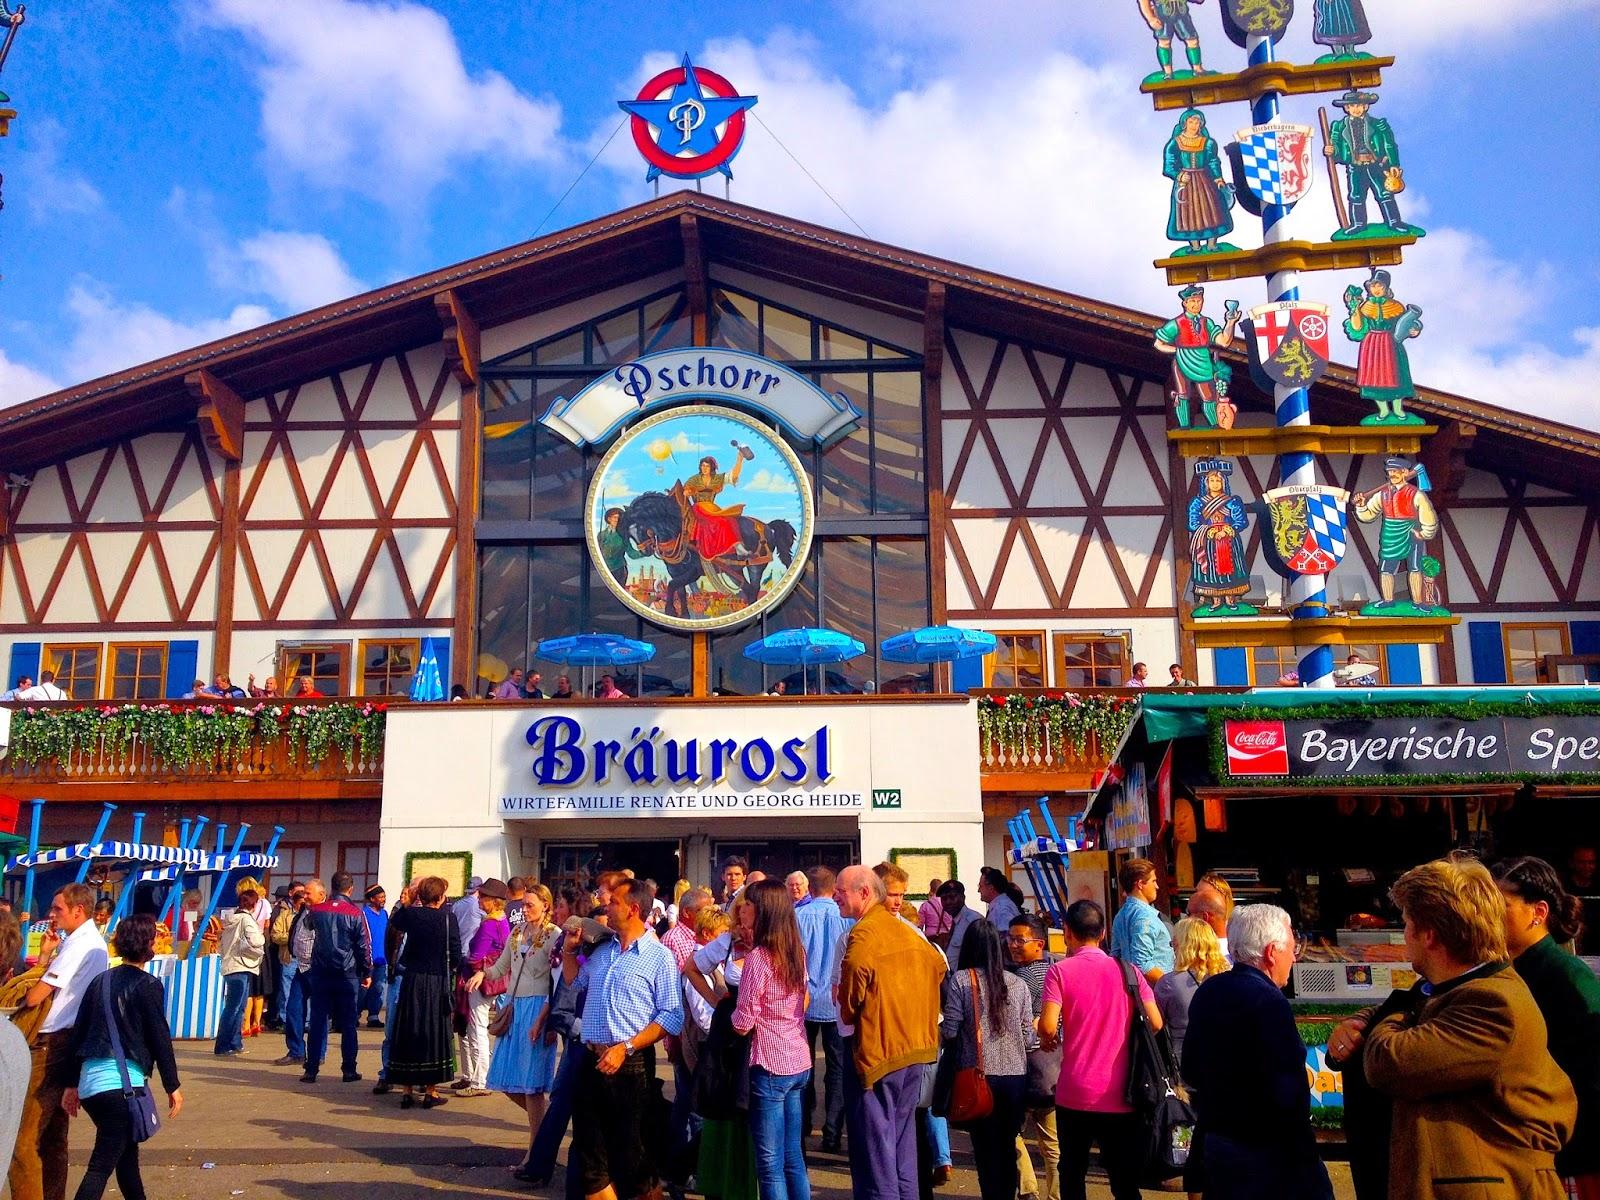 Braurösl